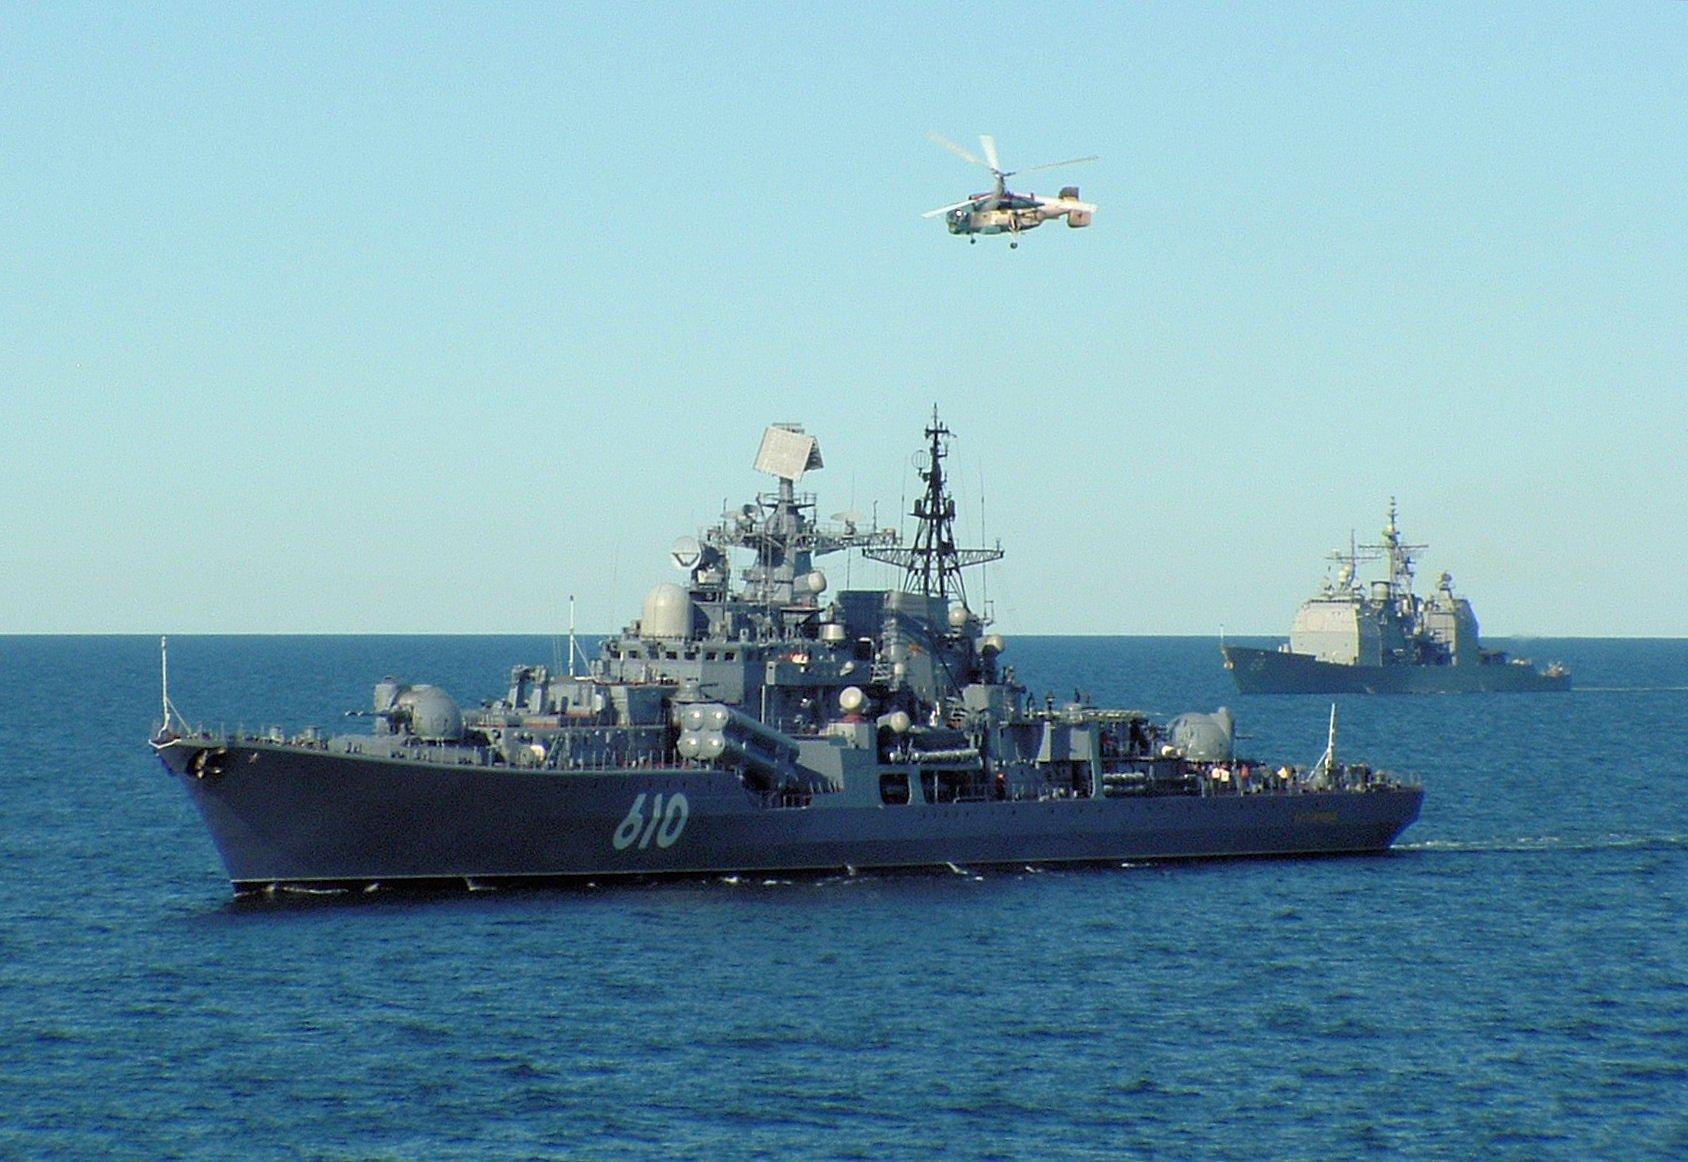 ВКалининградской области стартовали учения морской авиации Балтийского флота